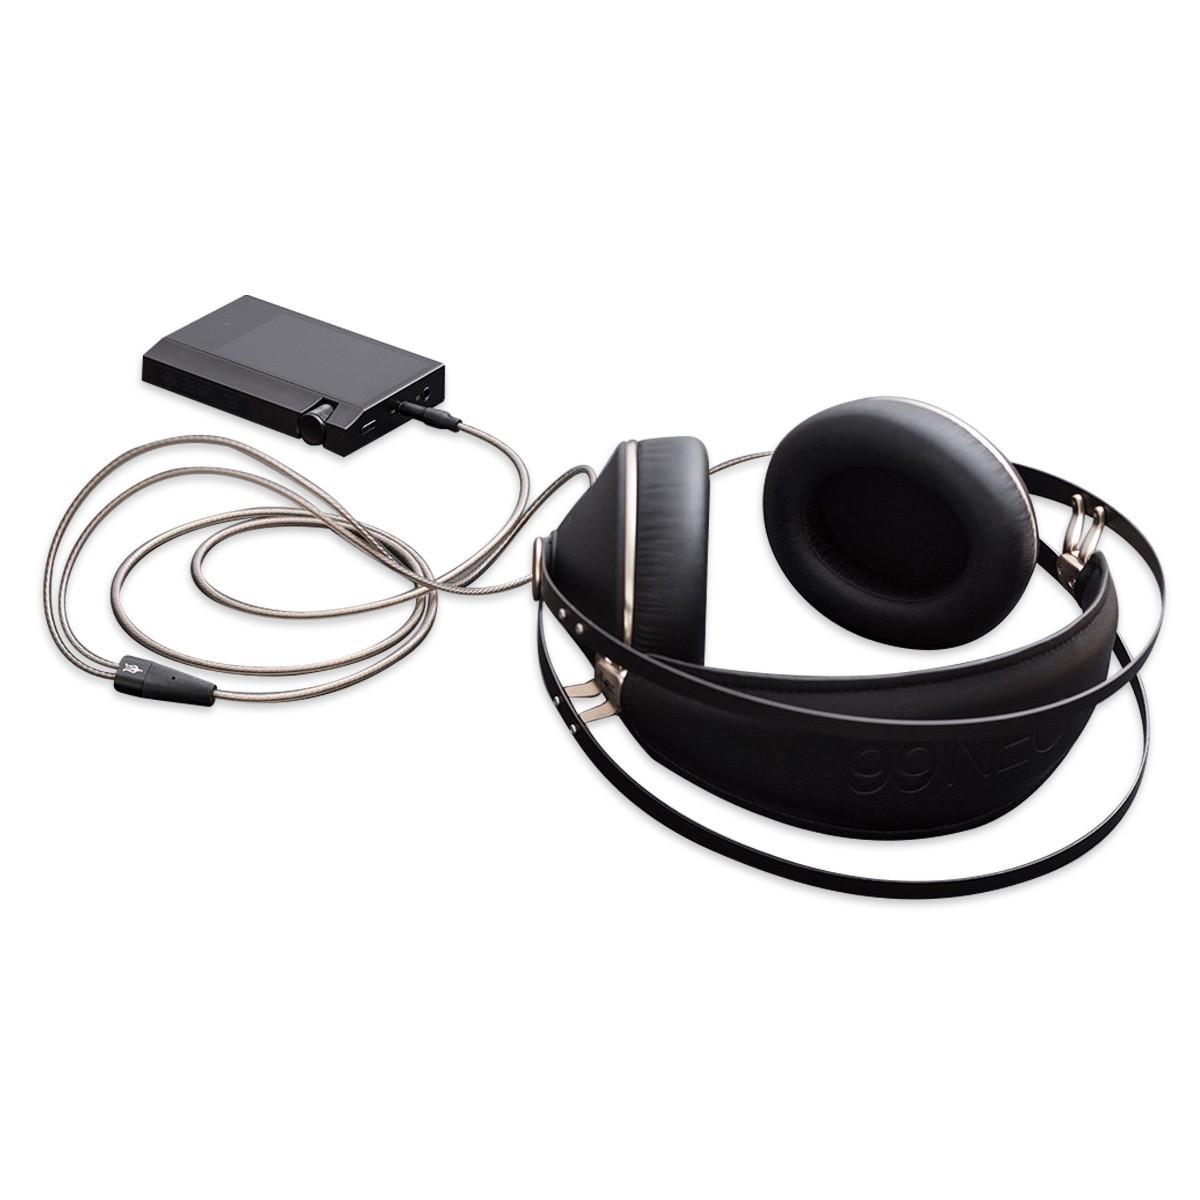 MEZE 99 SERIES Câble de Modulation Jack 4.4mm Symétrique vers 2x Jack 3.5mm Cuivre OFC Plaqué Argent 1.3m